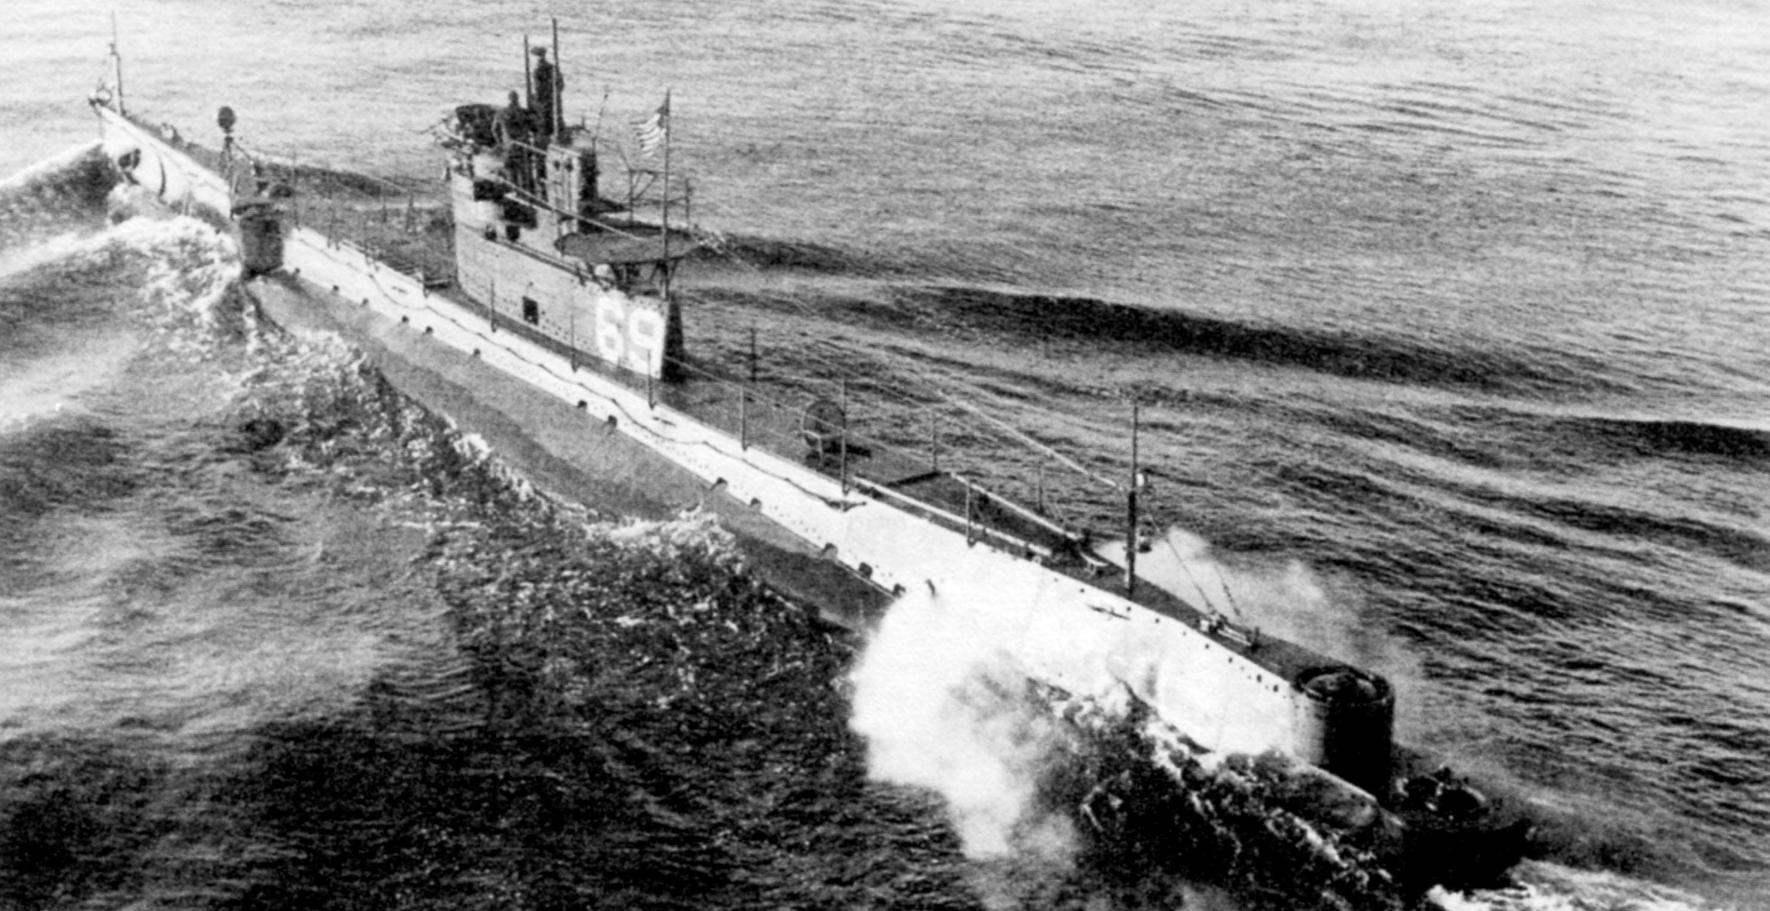 «O-8» (SS-69) в годы Второй мировой войны. Позади надстройки добавлен мостик для пушки, срезан корпус в корме